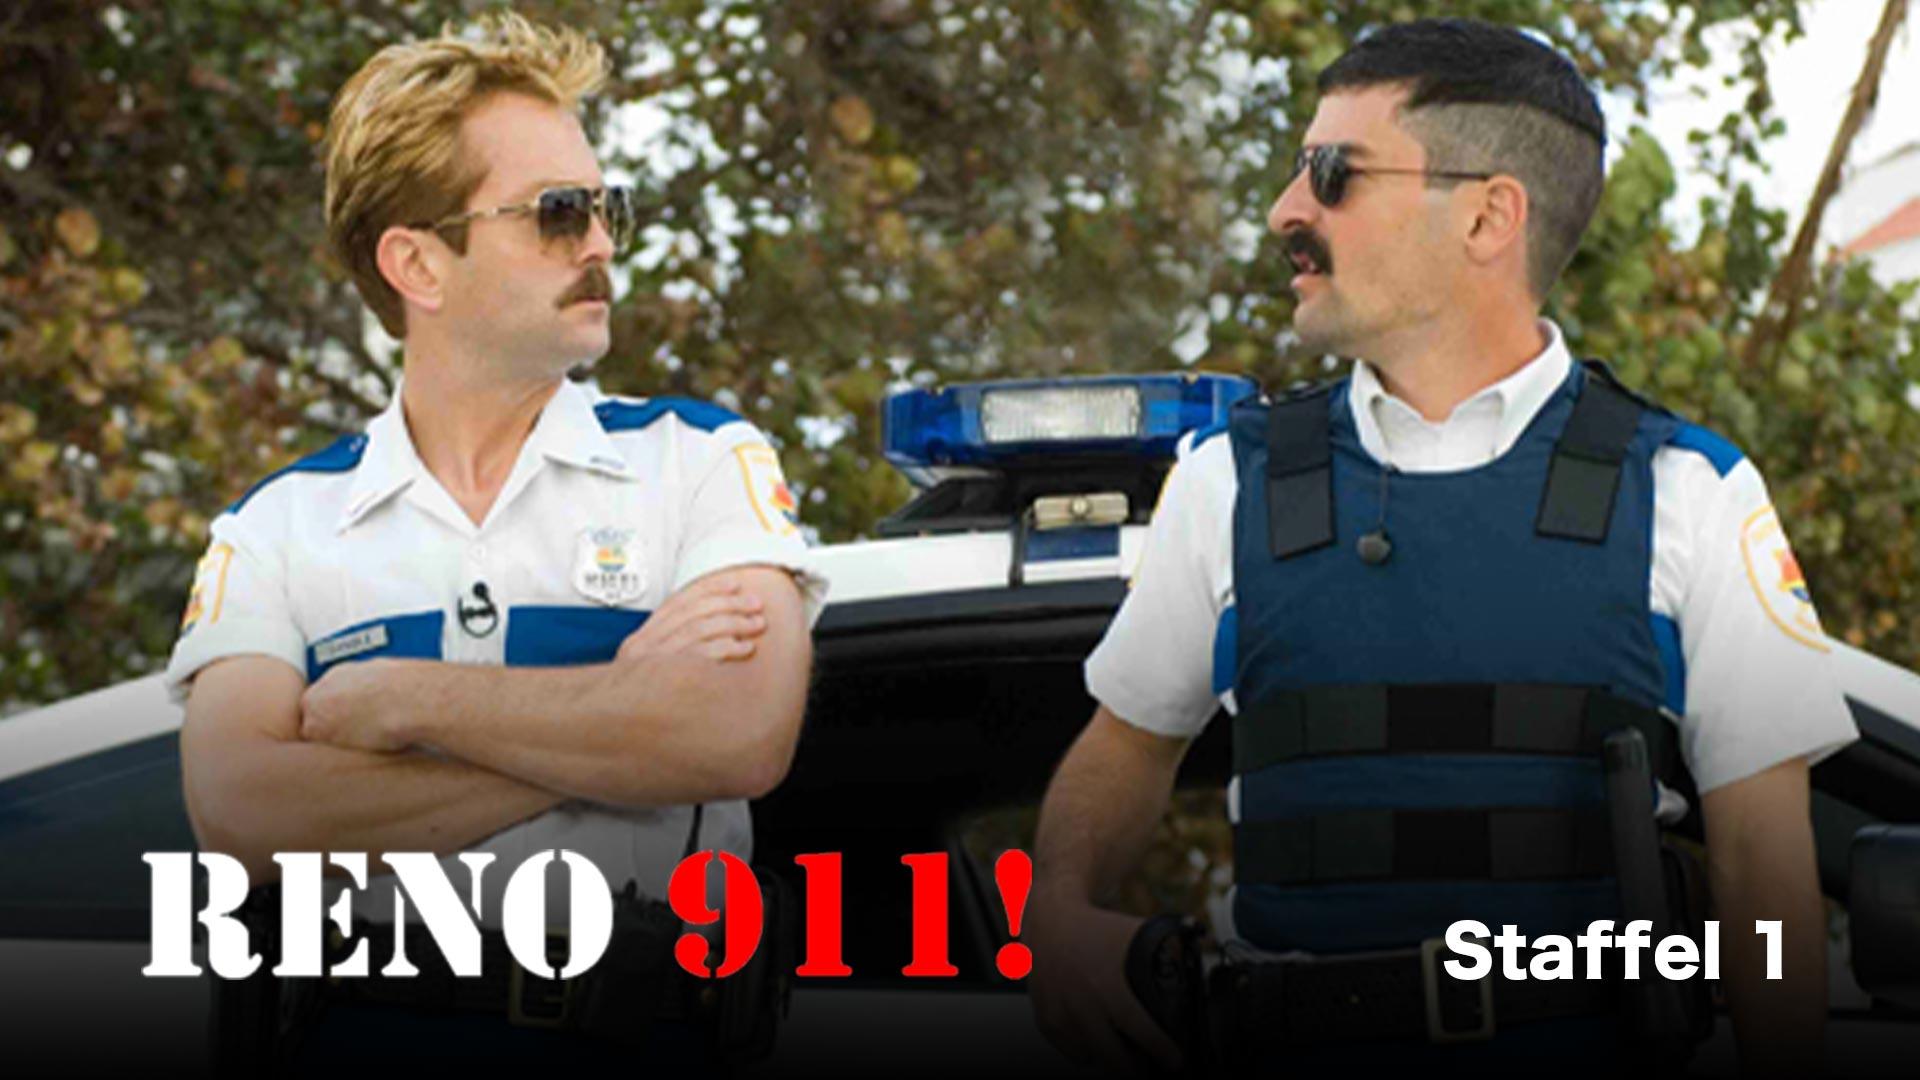 Reno 911 - Staffel 1